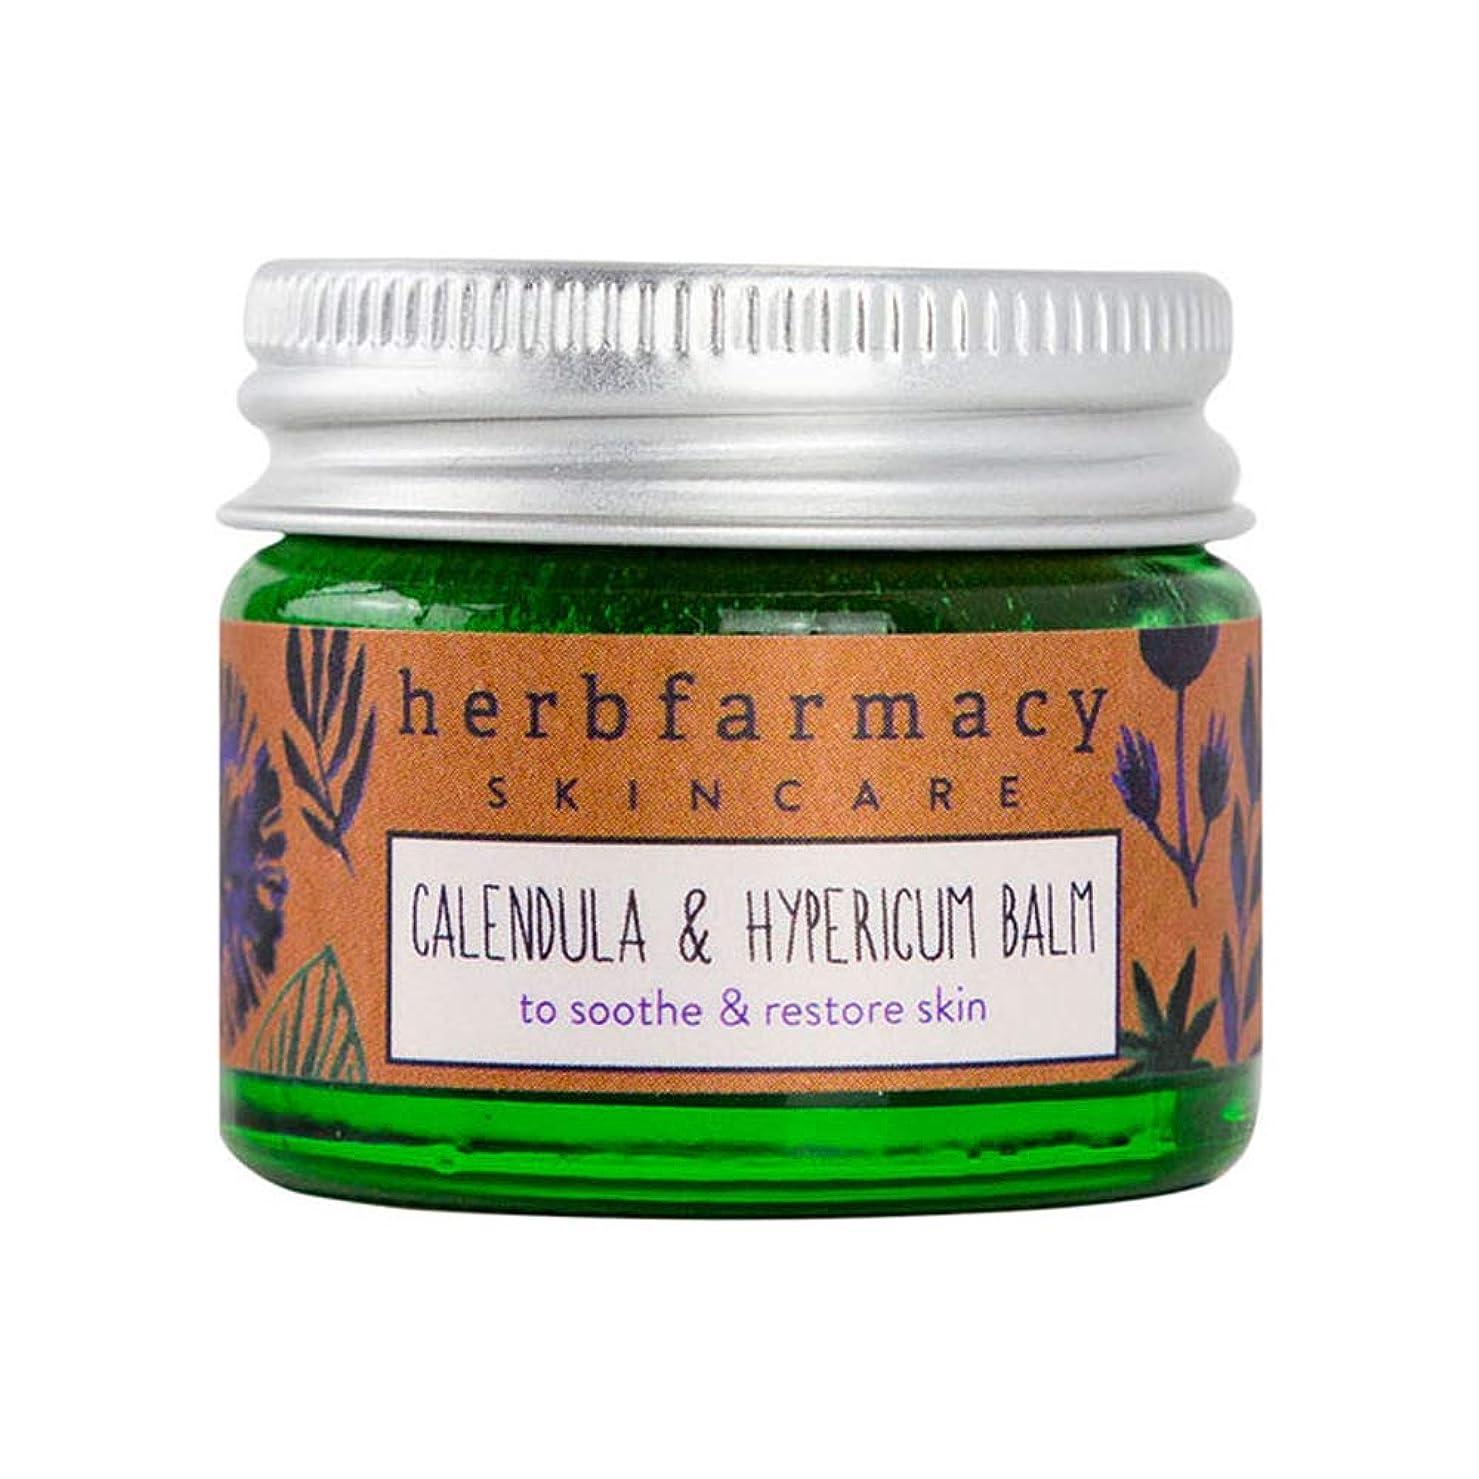 一般的に言えばインタラクションカバーハーブファーマシー (herbfarmacy) カーミング バーム 〈フェイスバーム〉 (20mL)